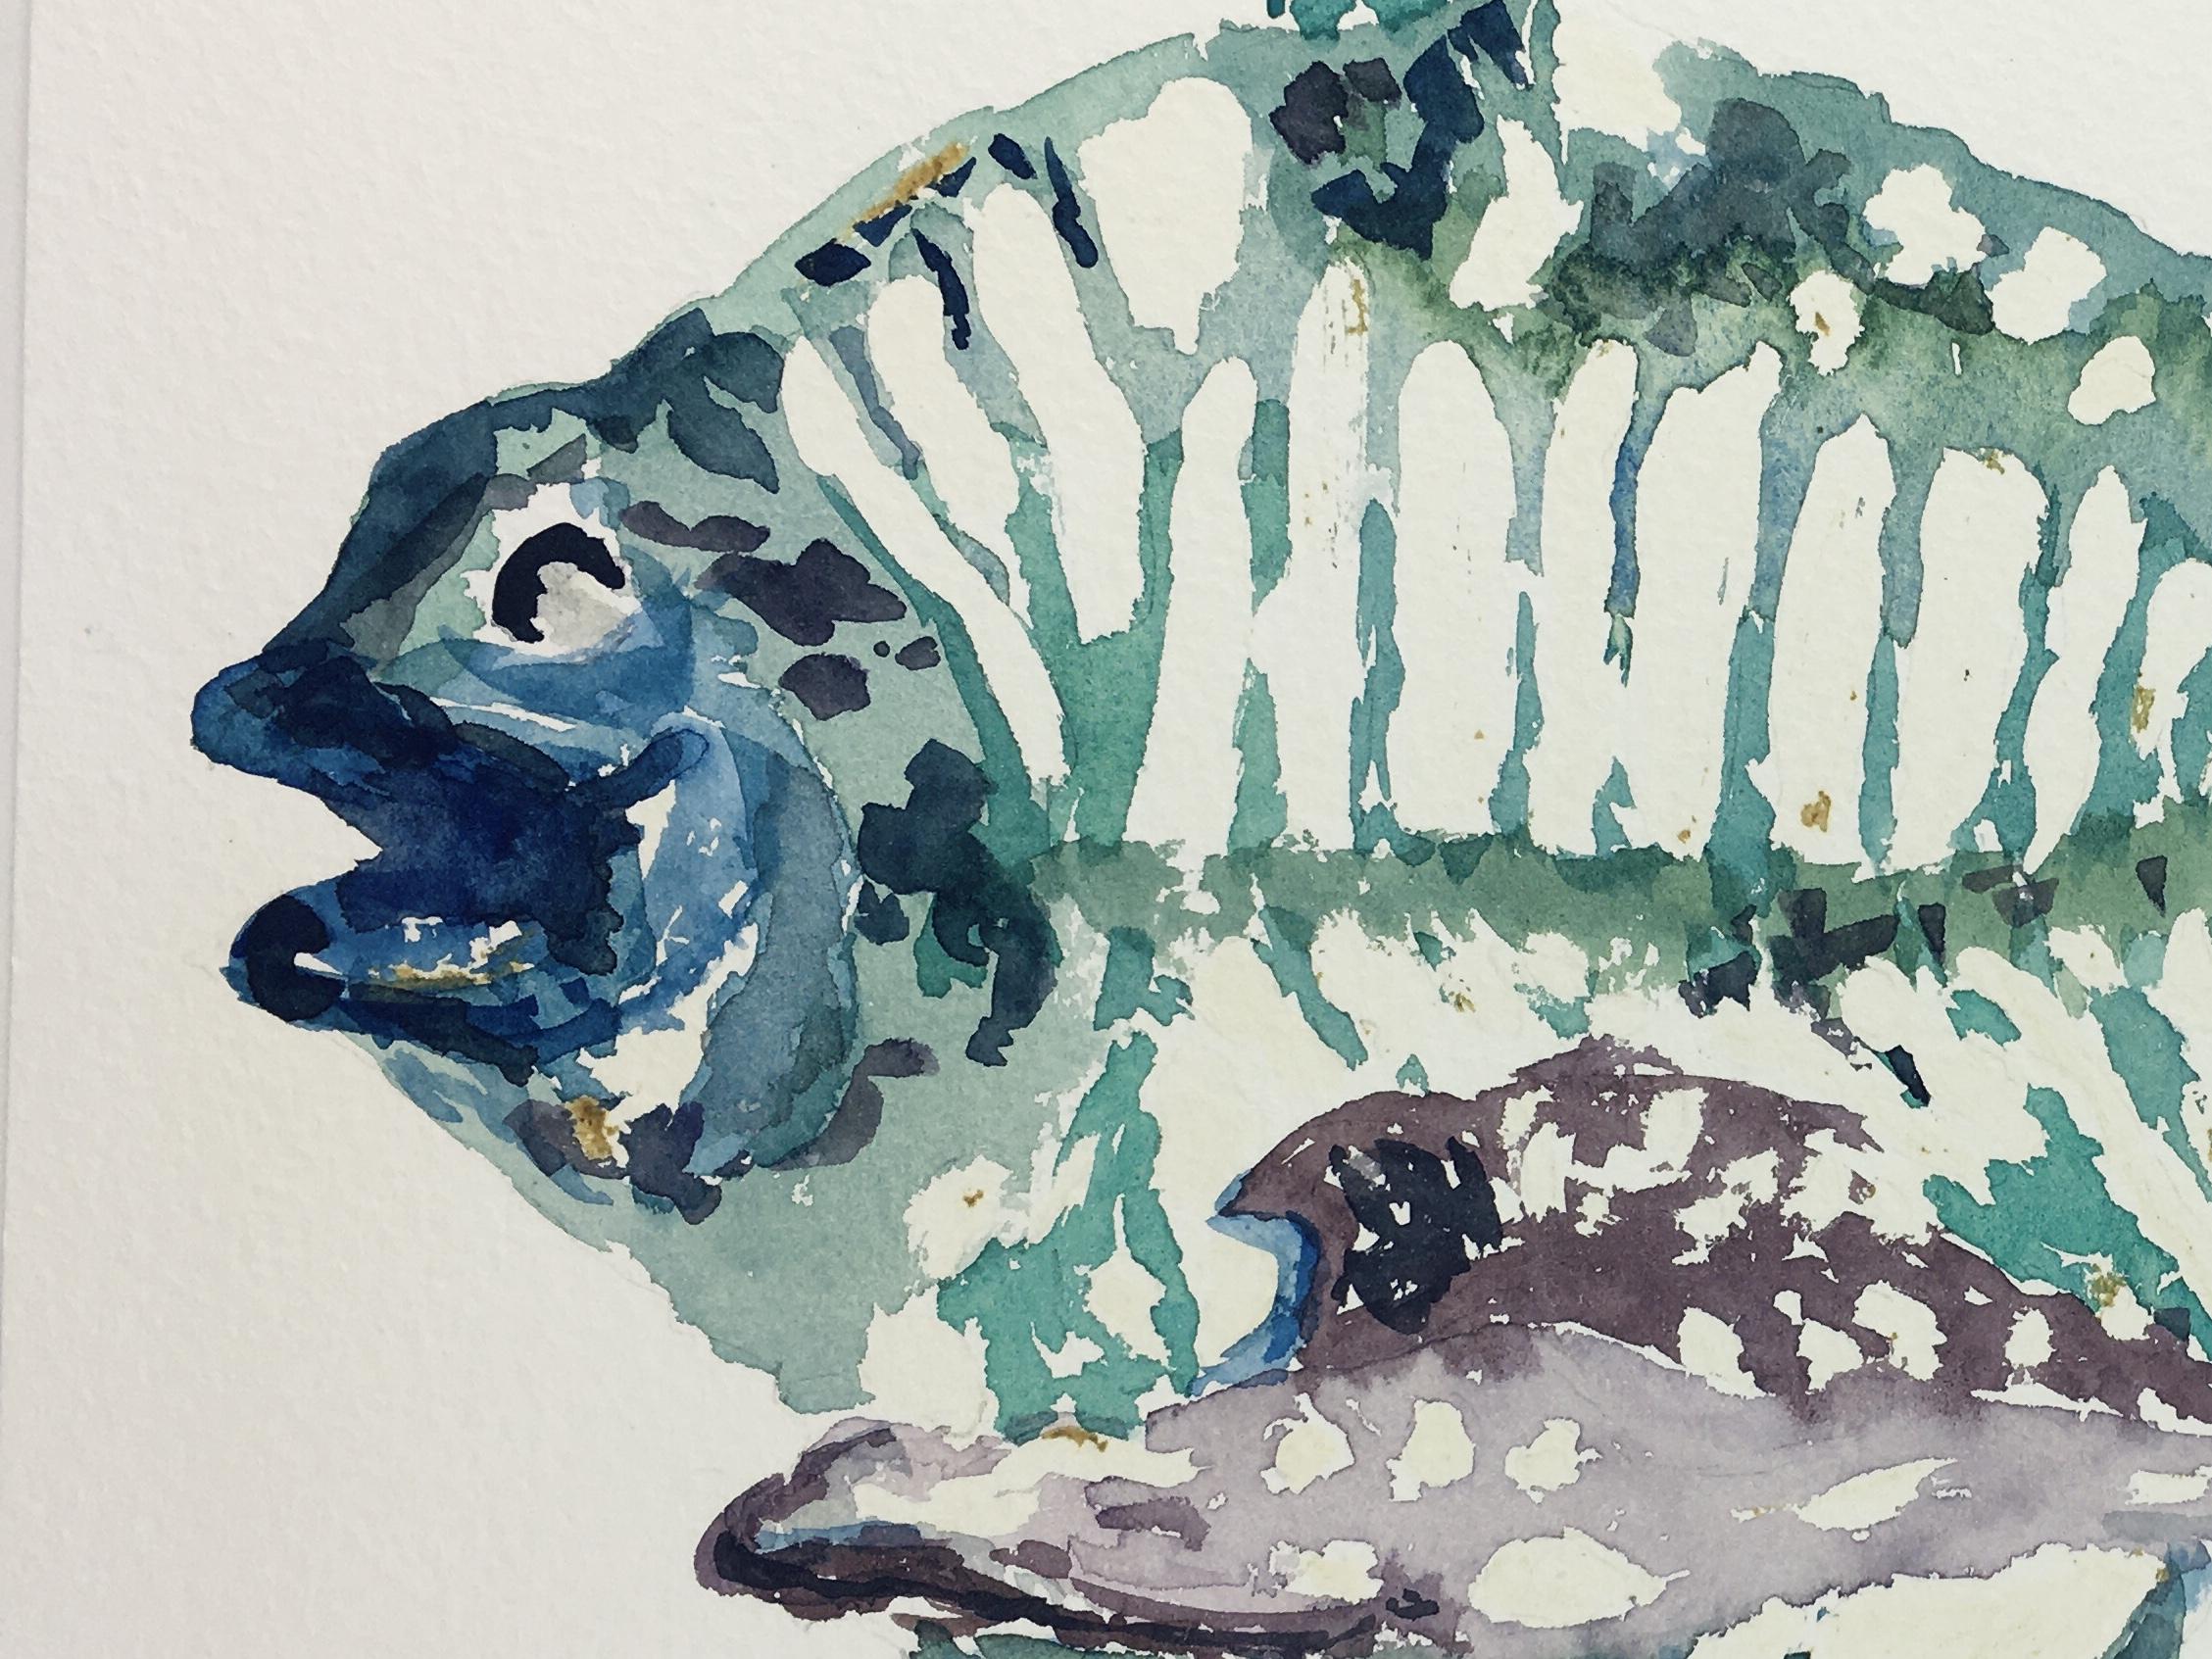 Animals Fish & Fishing Original Art - Turqouise Fish, 2000